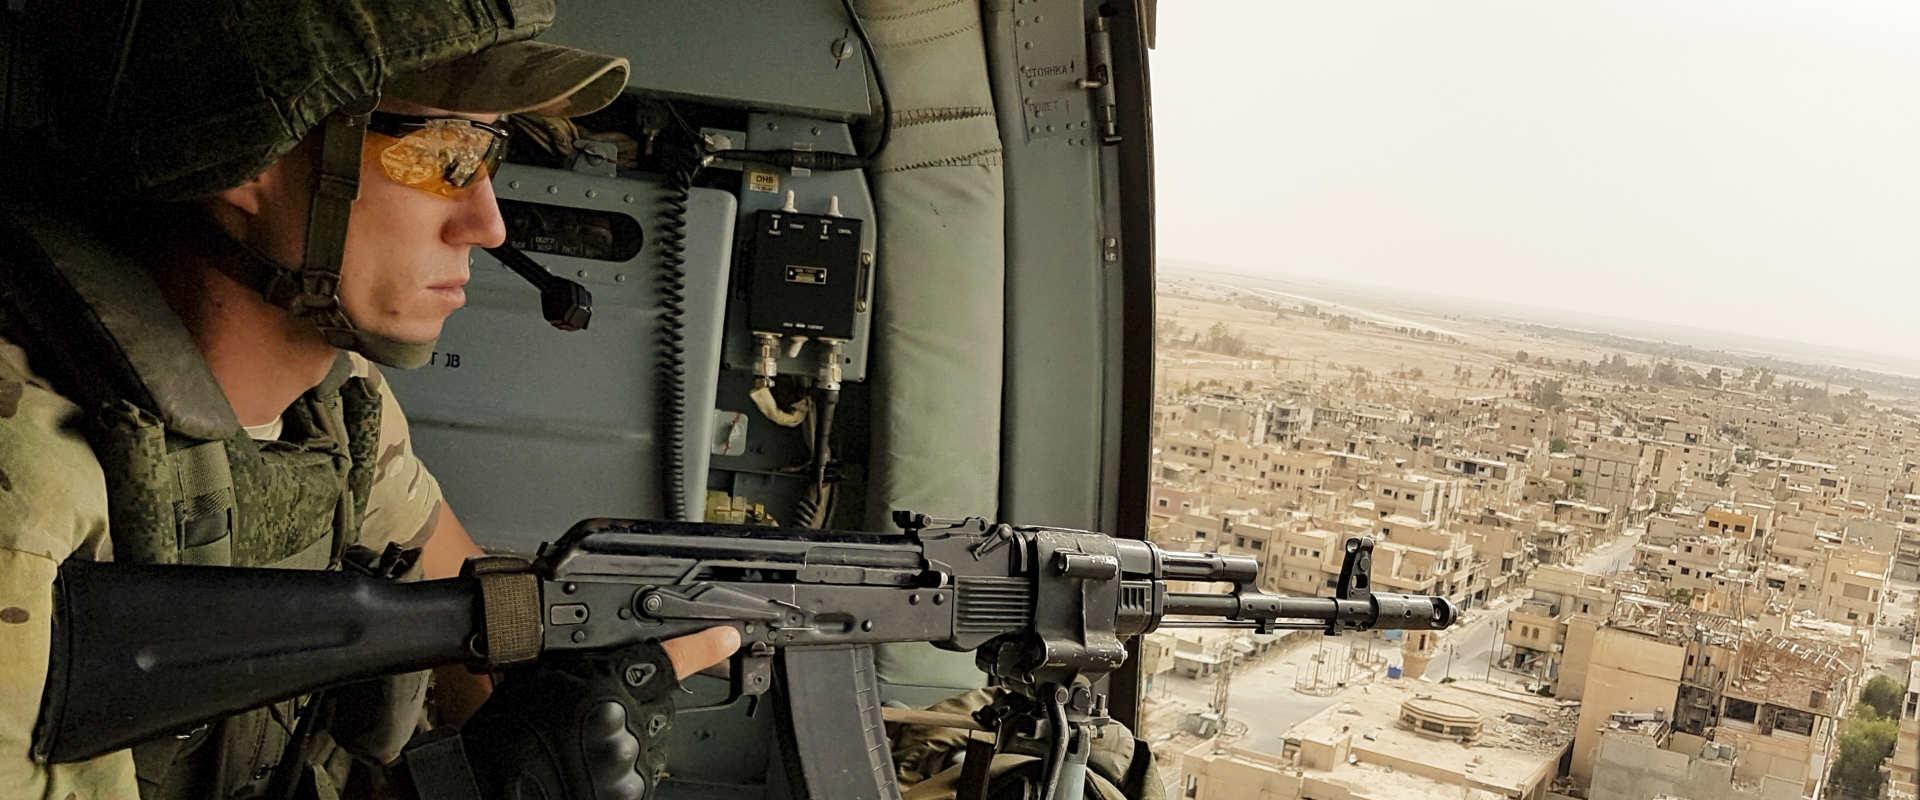 חייל רוסי מעל תדמור, בחודש שעבר